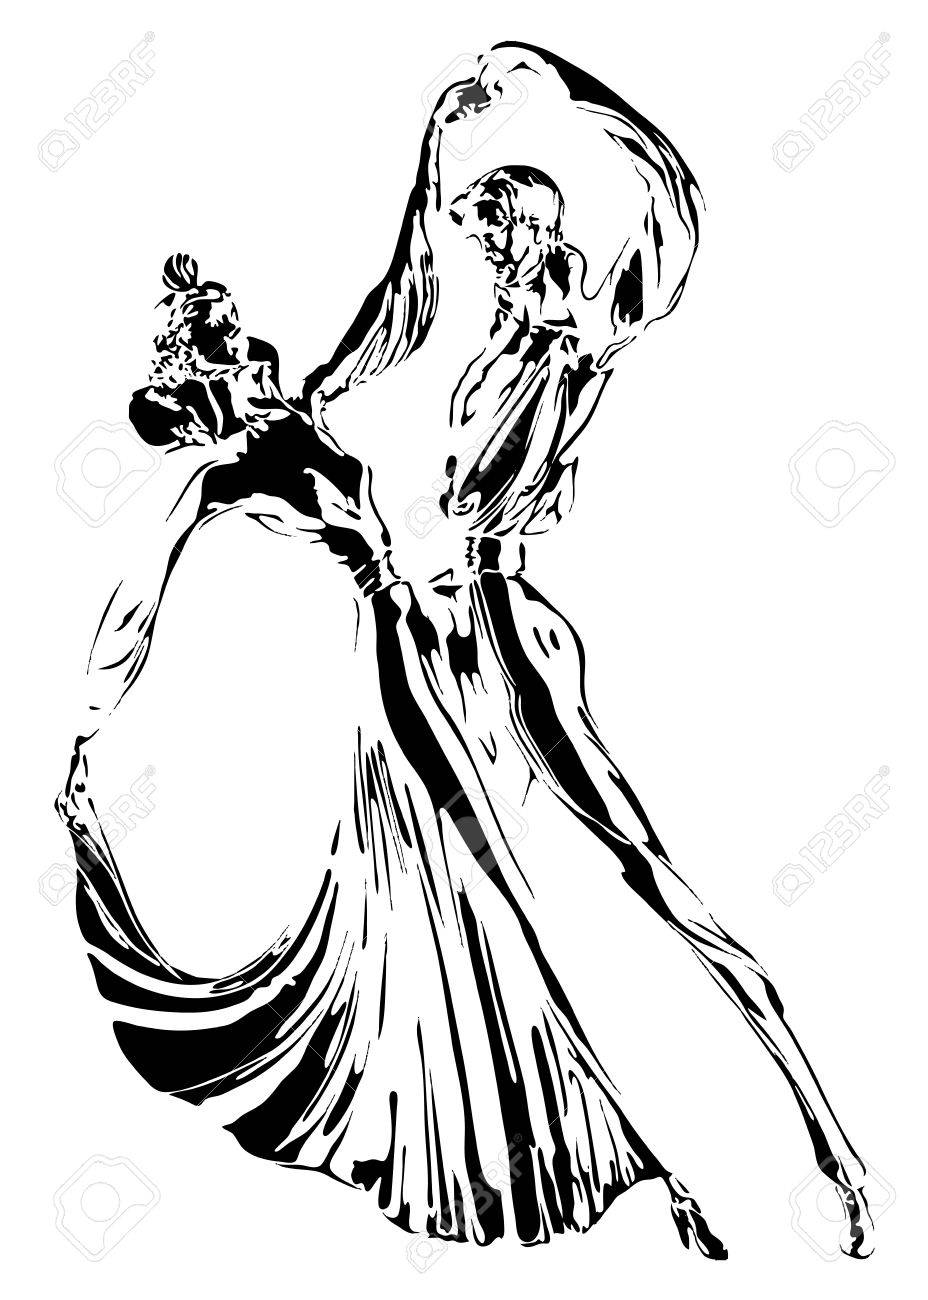 Schwarze Silhouette Tanzpaar. Isoliert Auf Weiß Lizenzfrei Nutzbare ...